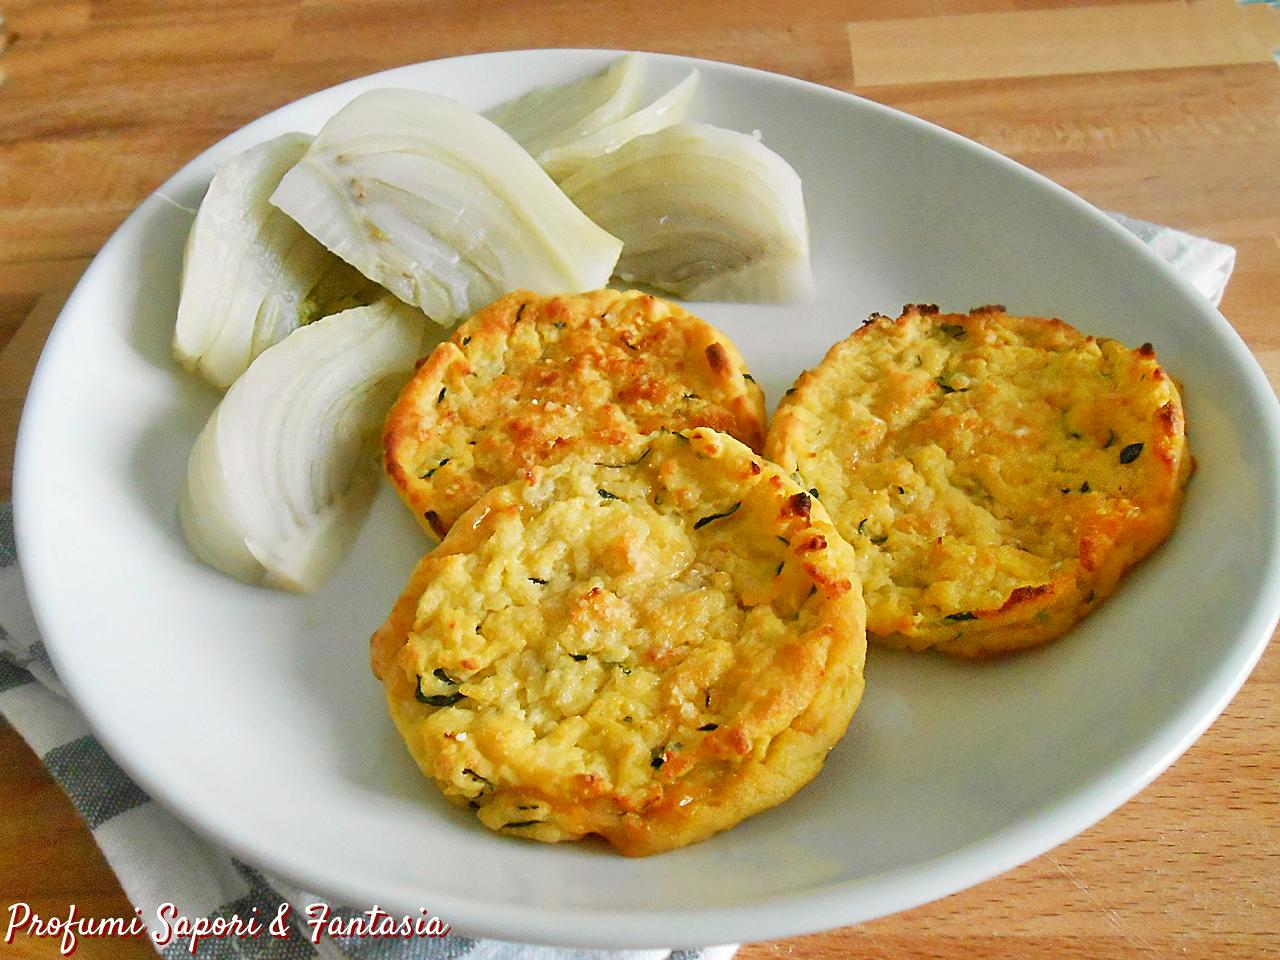 Medaglioni di patate e zucchine al forno con formaggio filante